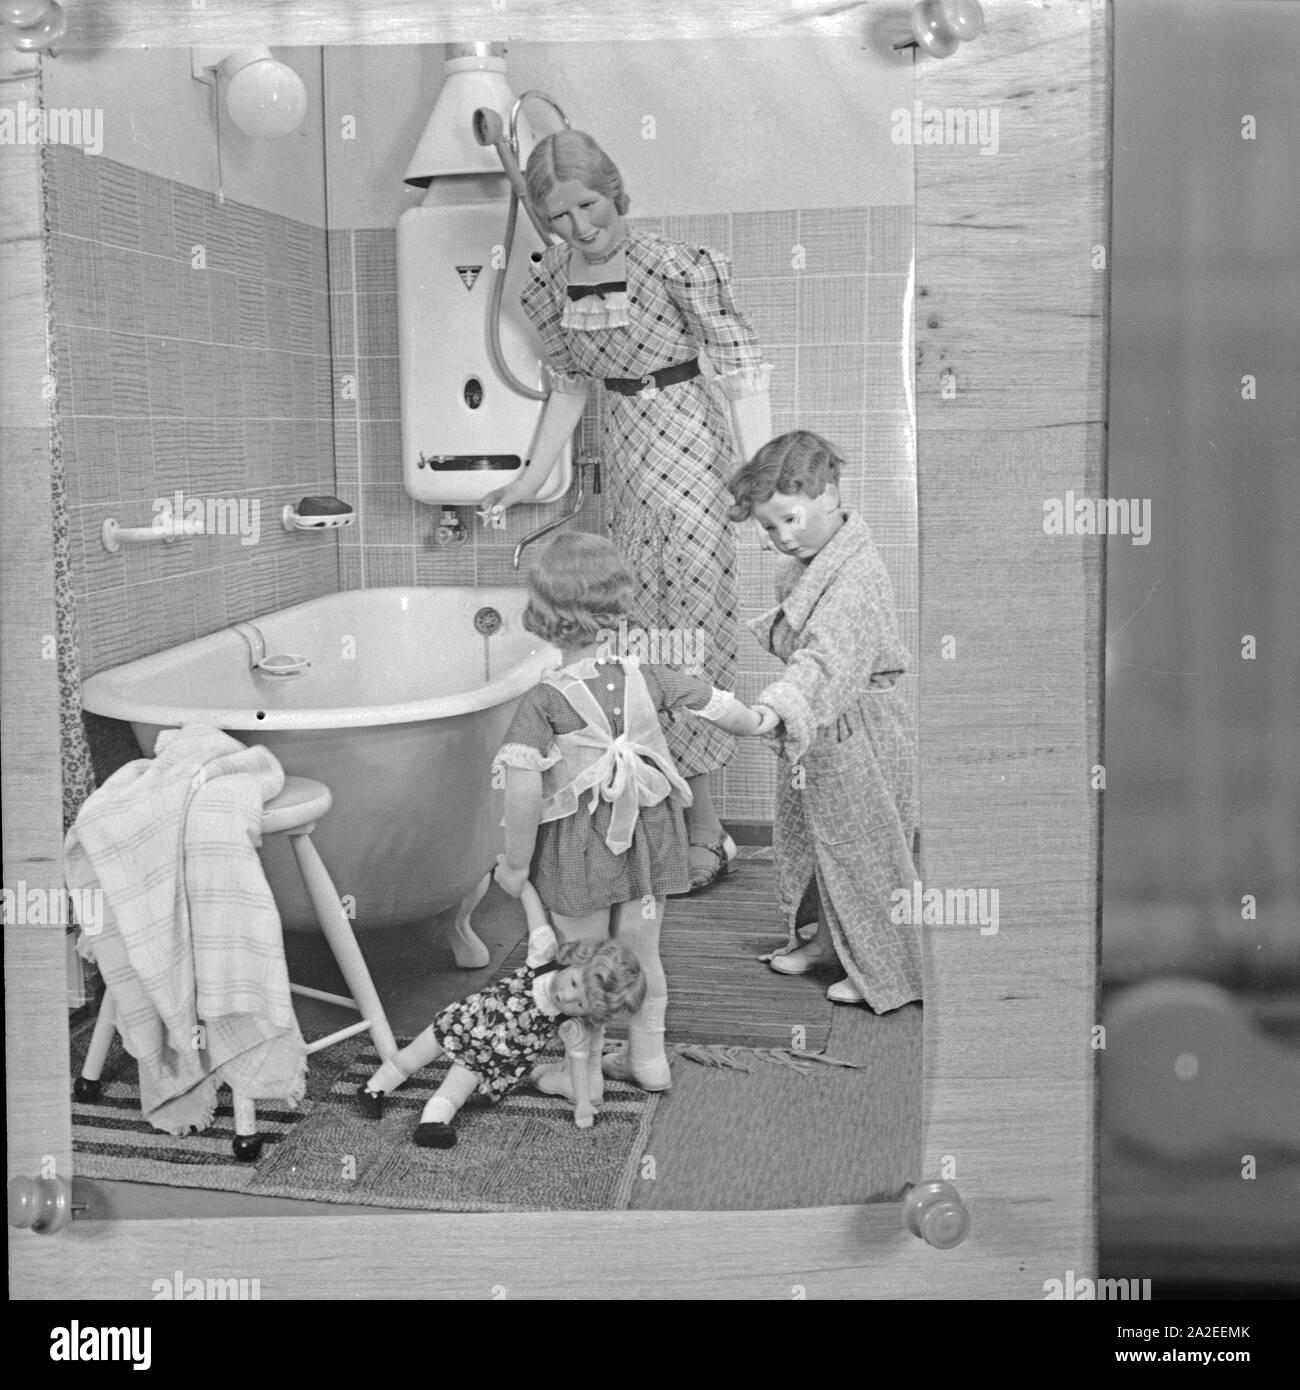 Foto eines Displayaufbaus einer Badezimmer Szenerie mit Käthe Kruse Schaufensterpuppen, Bad Kösen, Deutschland 1930er Jahre. Foto of a bathroom display with Kaethe Kruse display dummies, Germany 1930s. Stock Photo